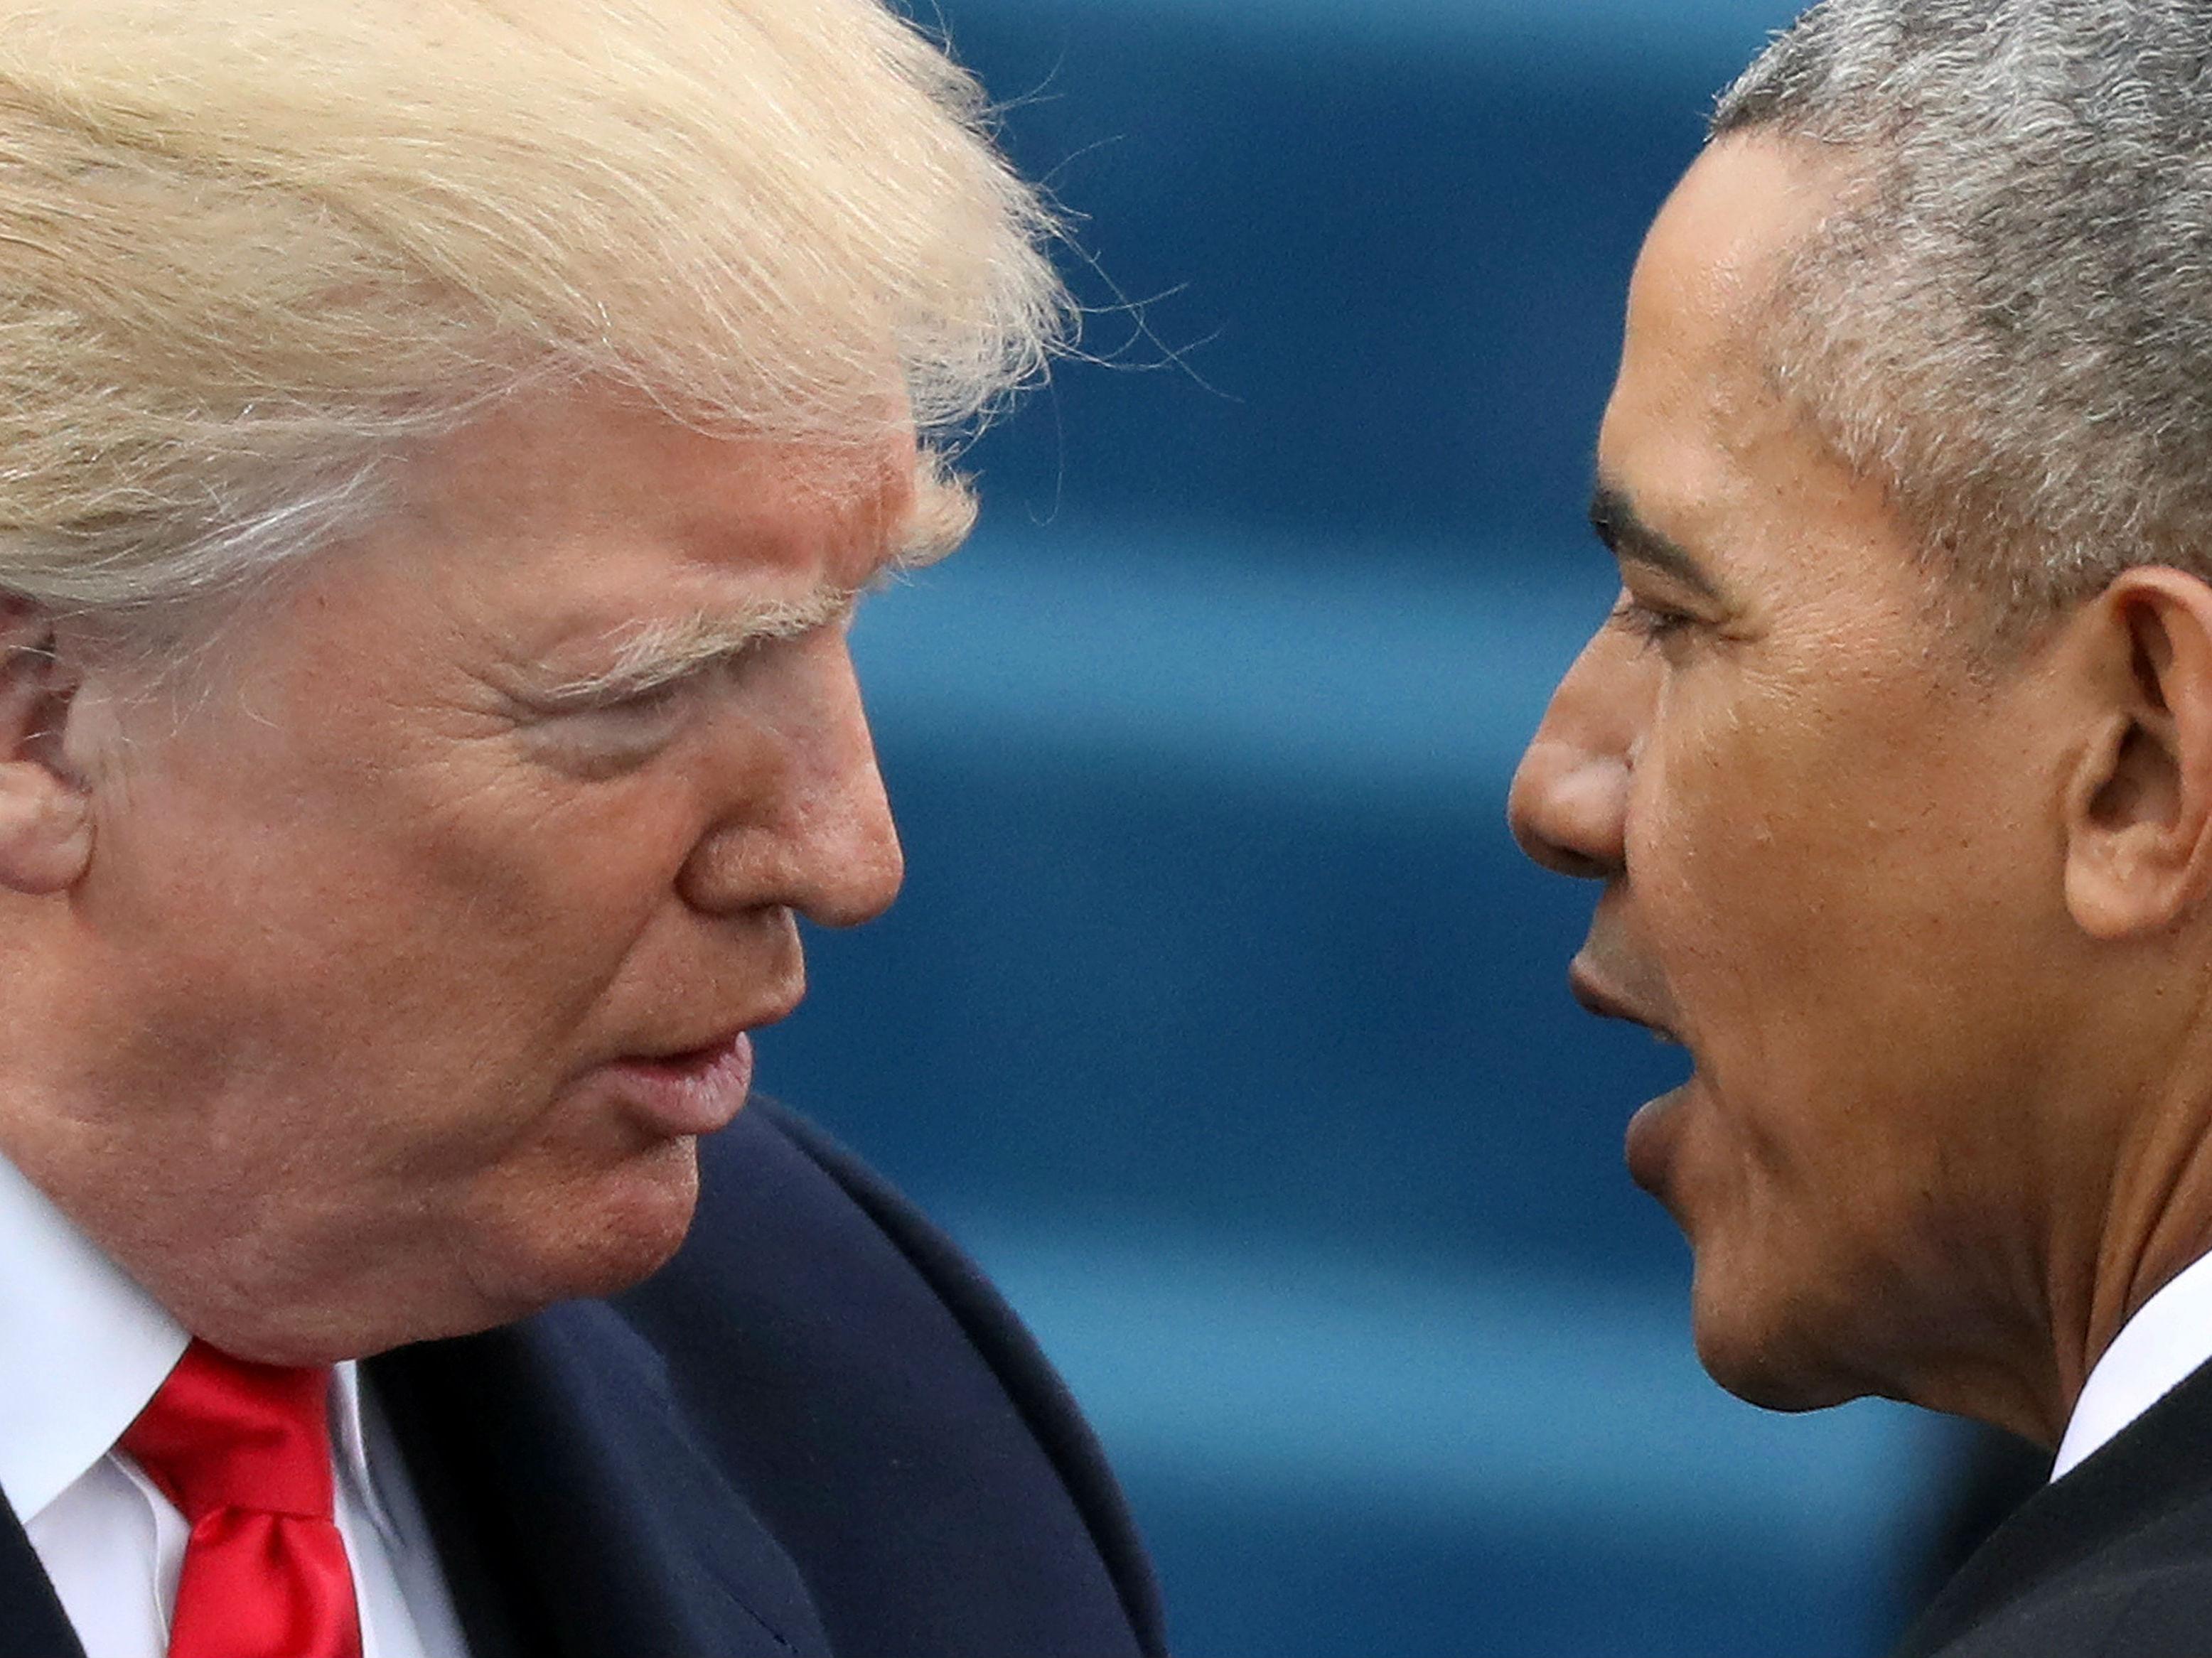 特朗普说去年大选前曾被奥巴马政府监听 奥巴马否认